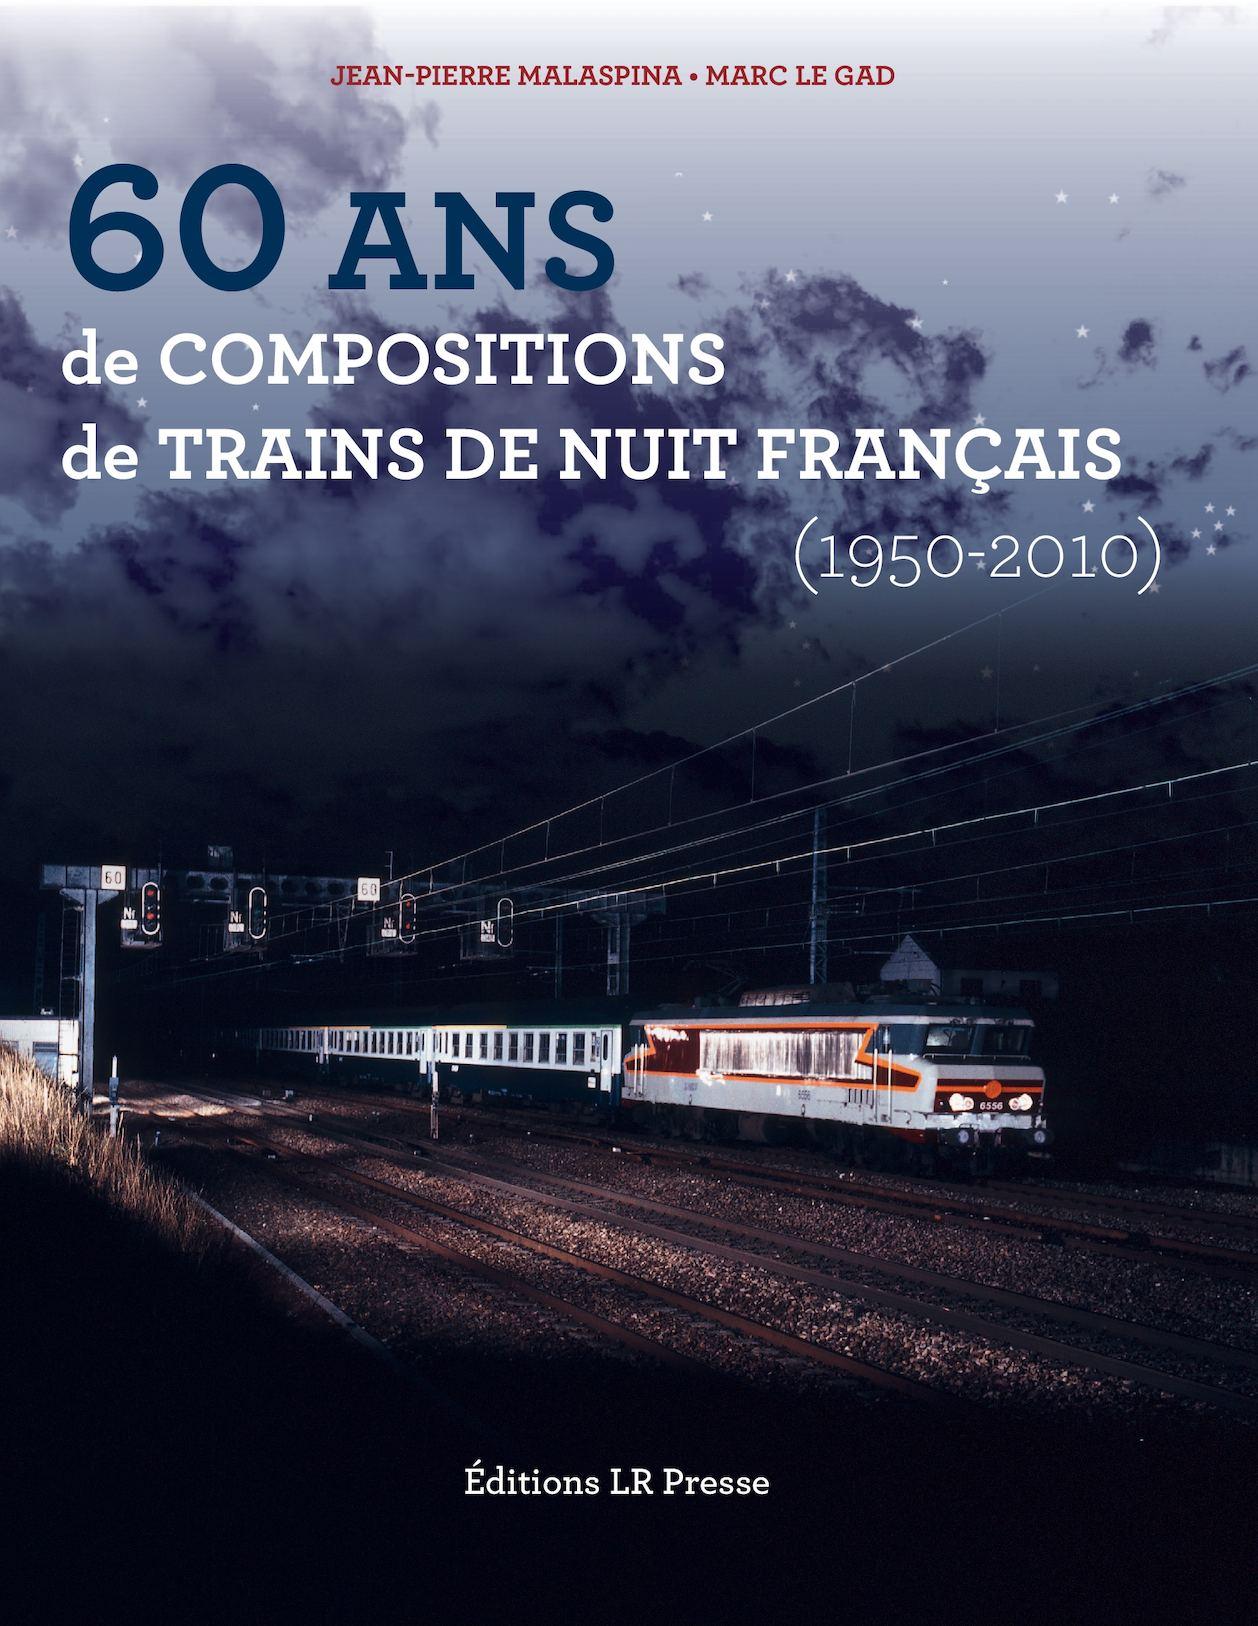 Extrait - 60 ans de compositions de trains de nuit français